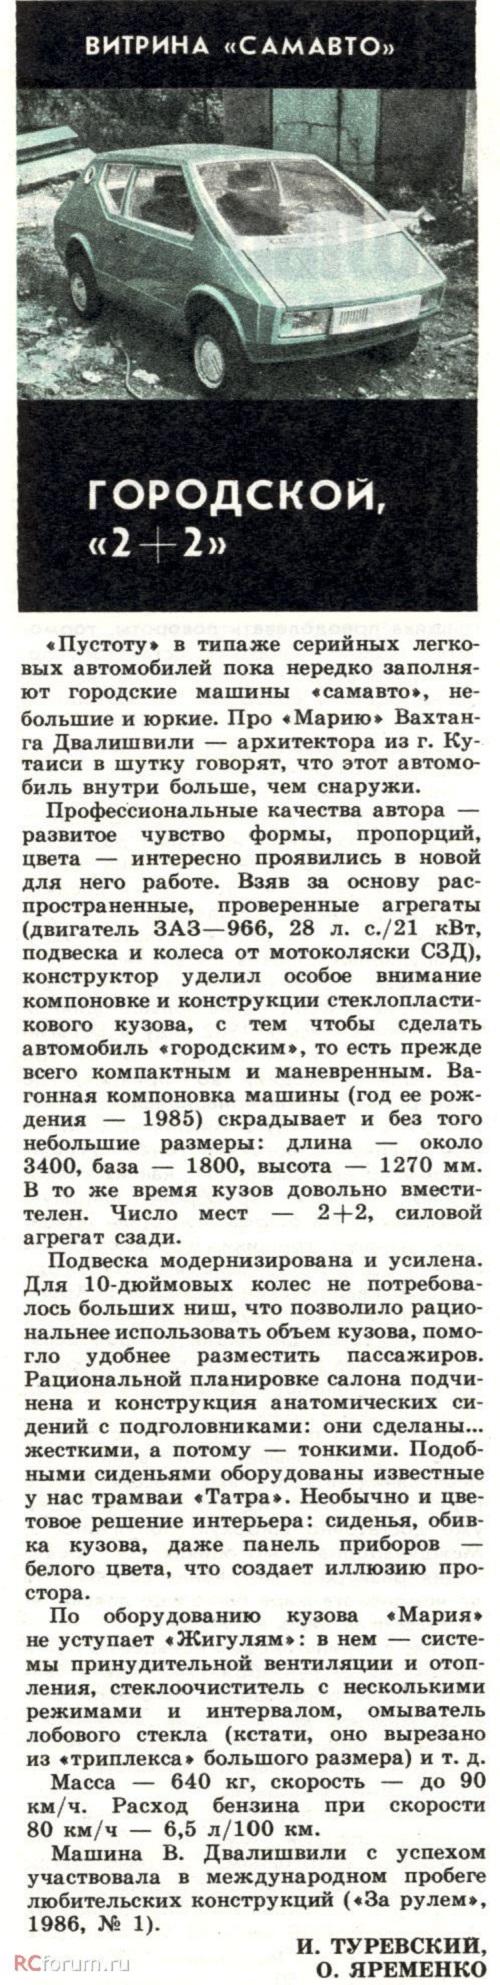 """Городской, """"2+2""""."""